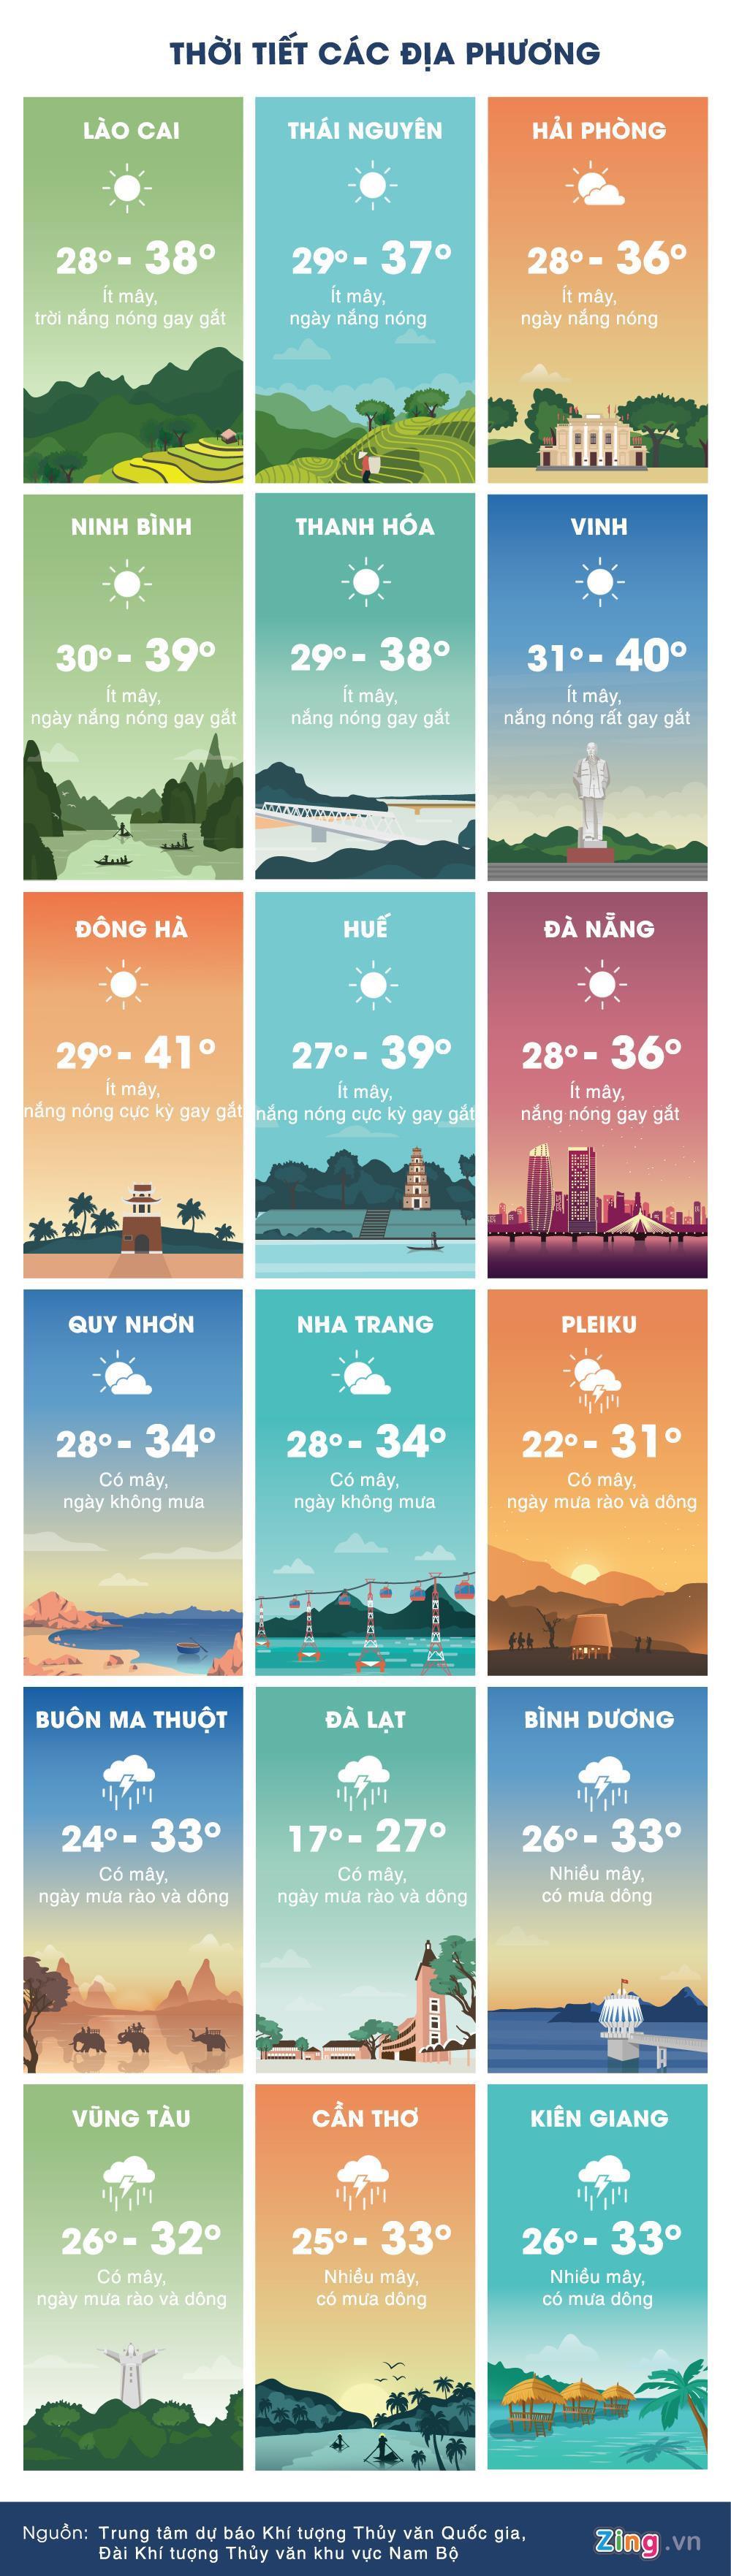 Thời tiết ngày 23/6: Nắng nóng đỉnh điểm bao trùm Bắc và Trung Bộ Ảnh 3